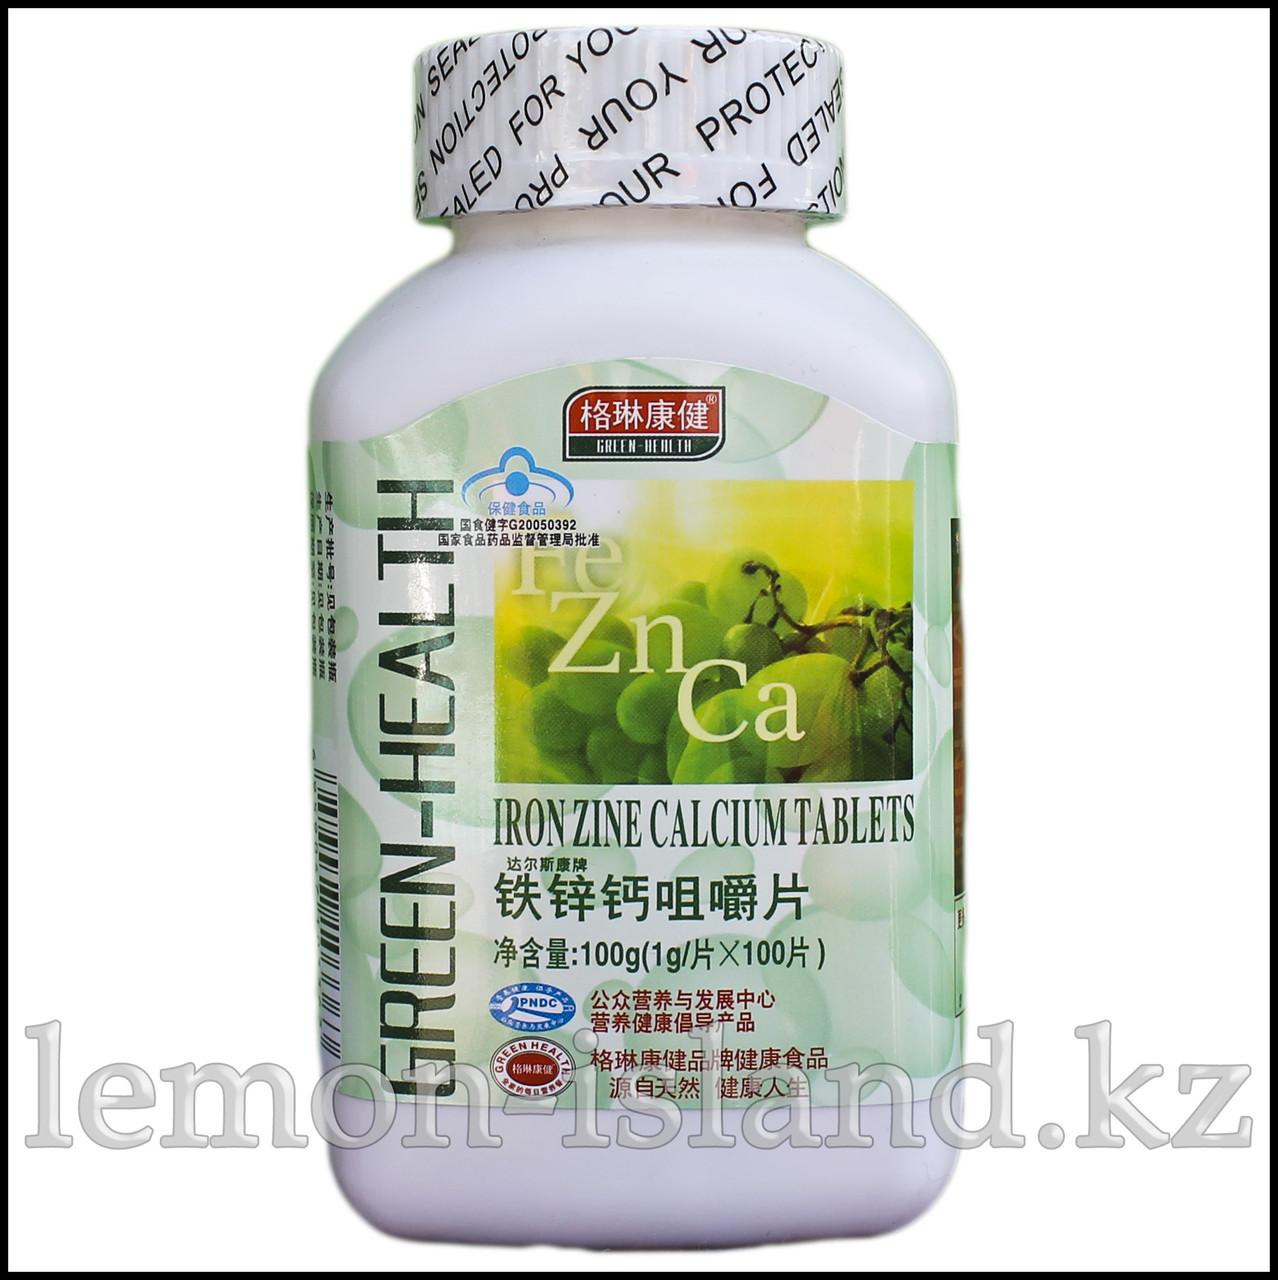 Кальций, железо и цинк от фабрики Green Health в жевательных таблетках.